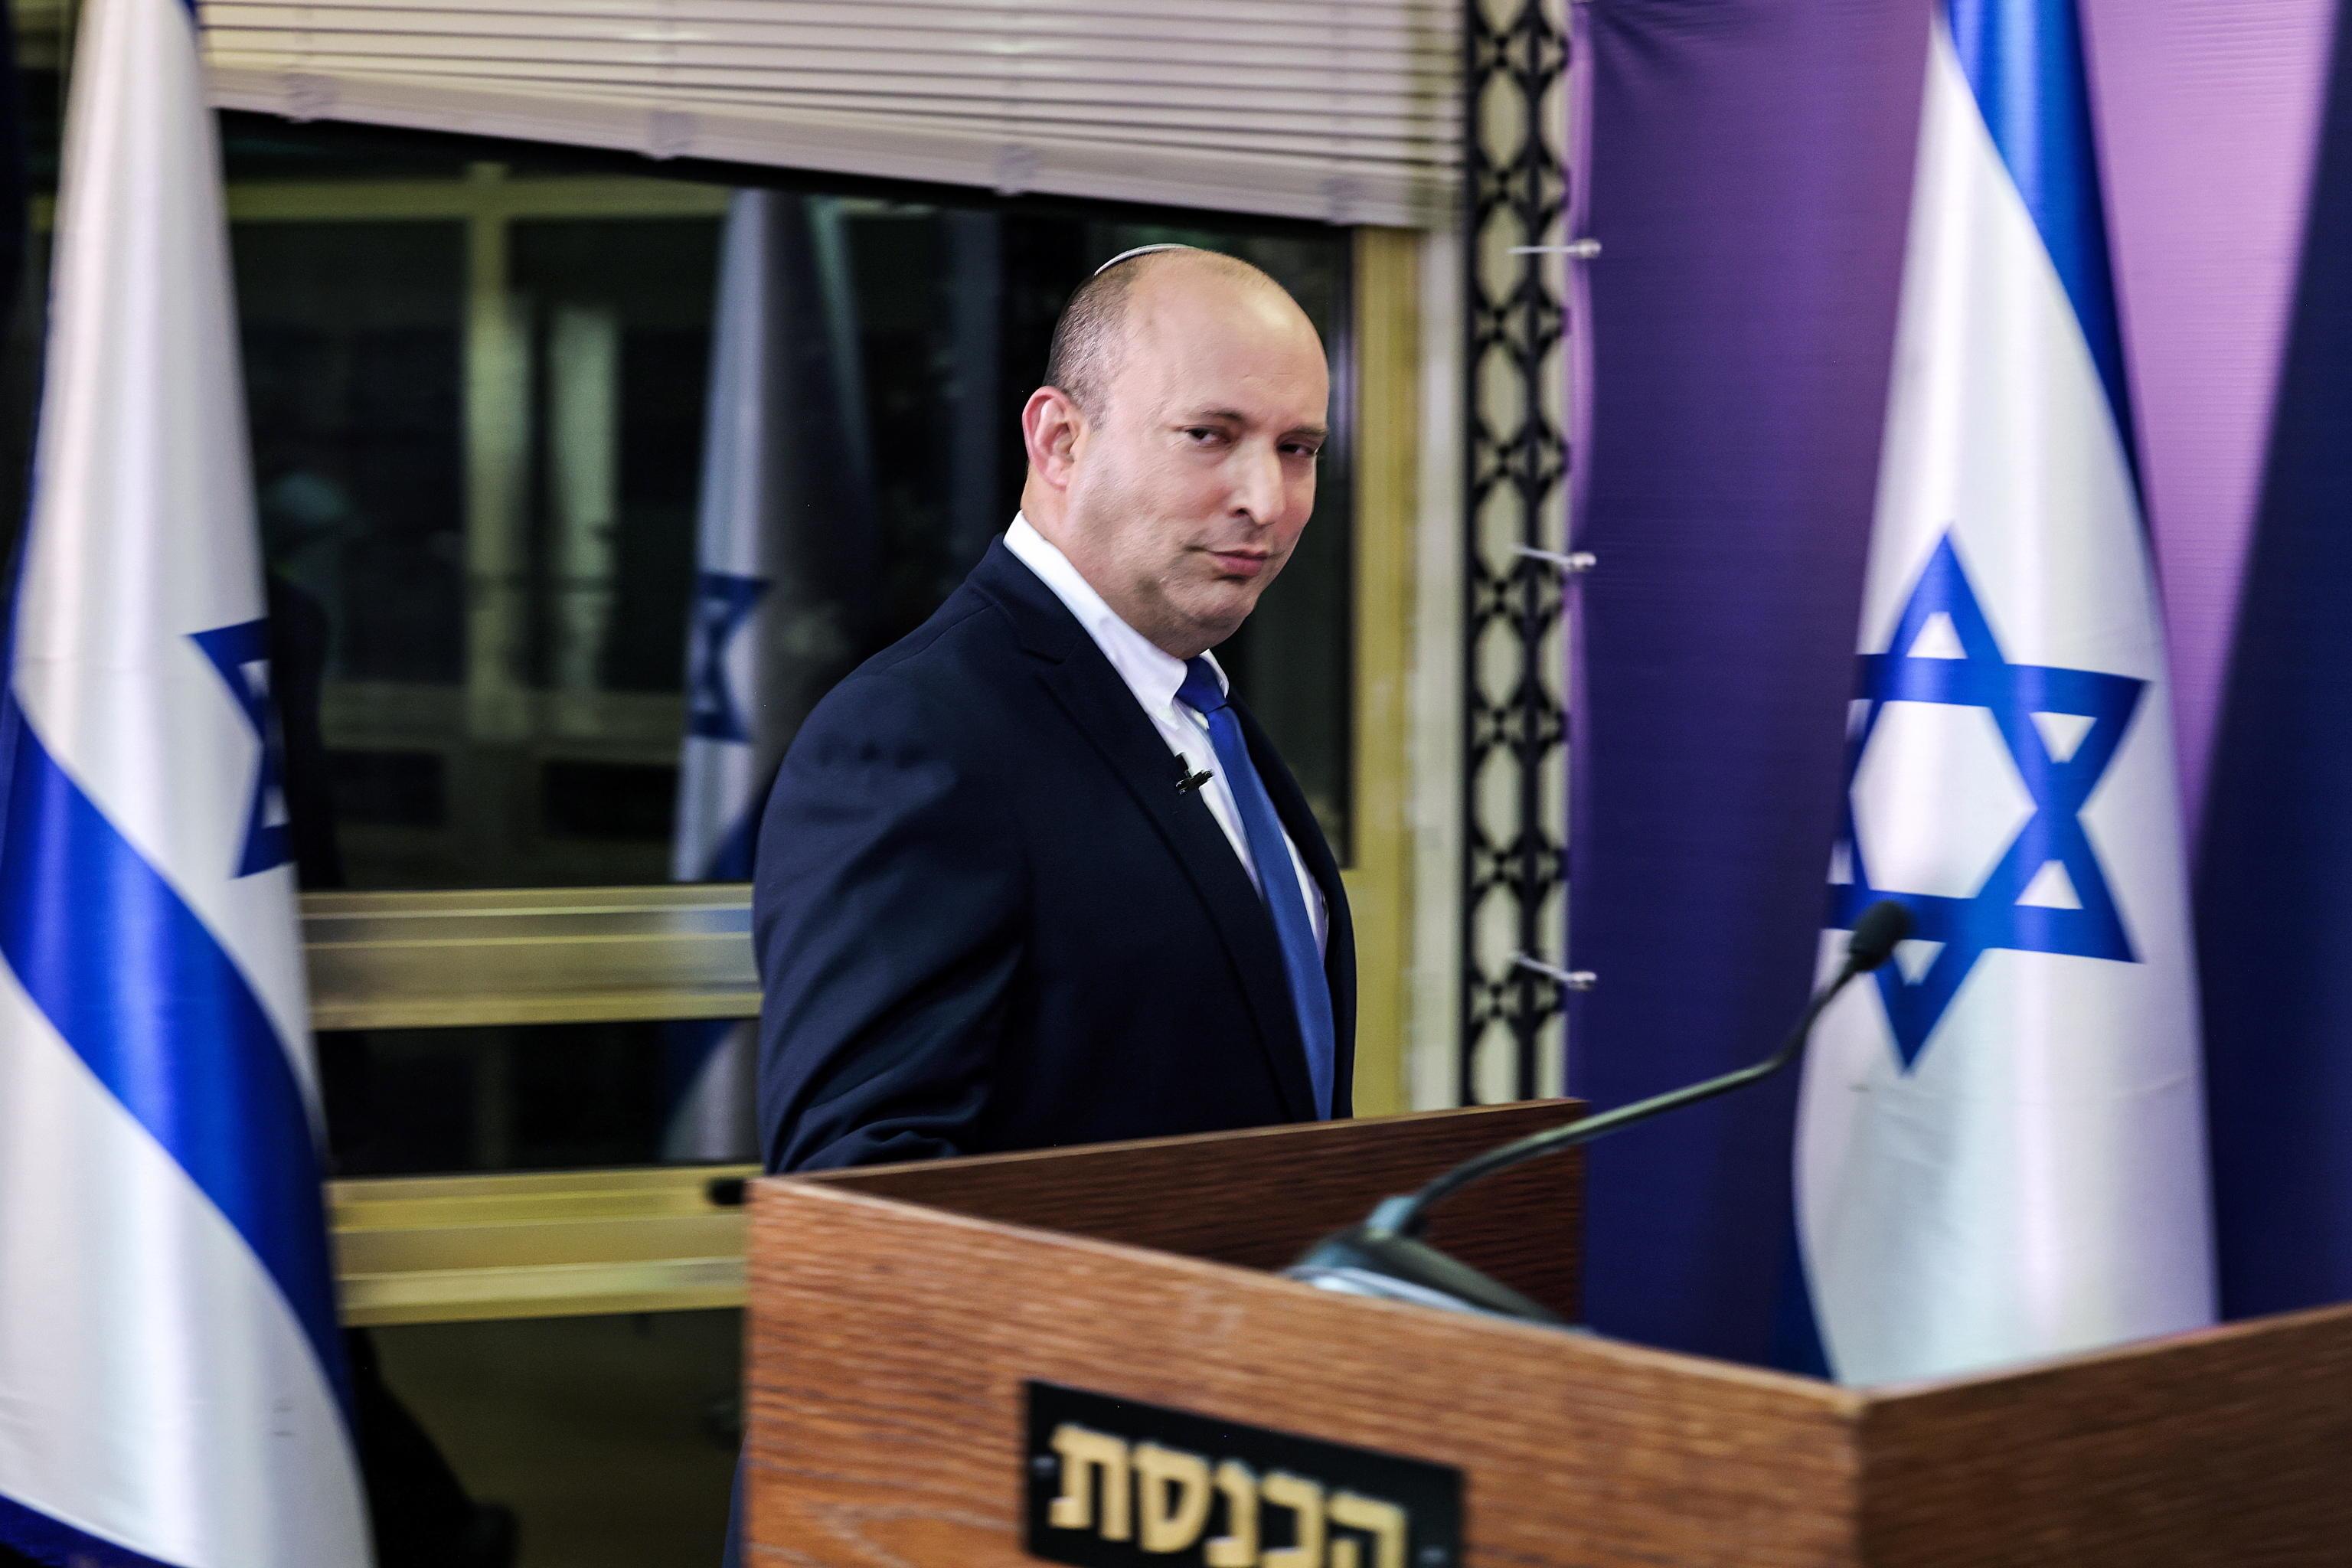 Israele volta pagina dopo 12 anni, addio al governo di Netanyahu. Oggi il voto in Parlamento per eleggere la coalizione per il cambiamento